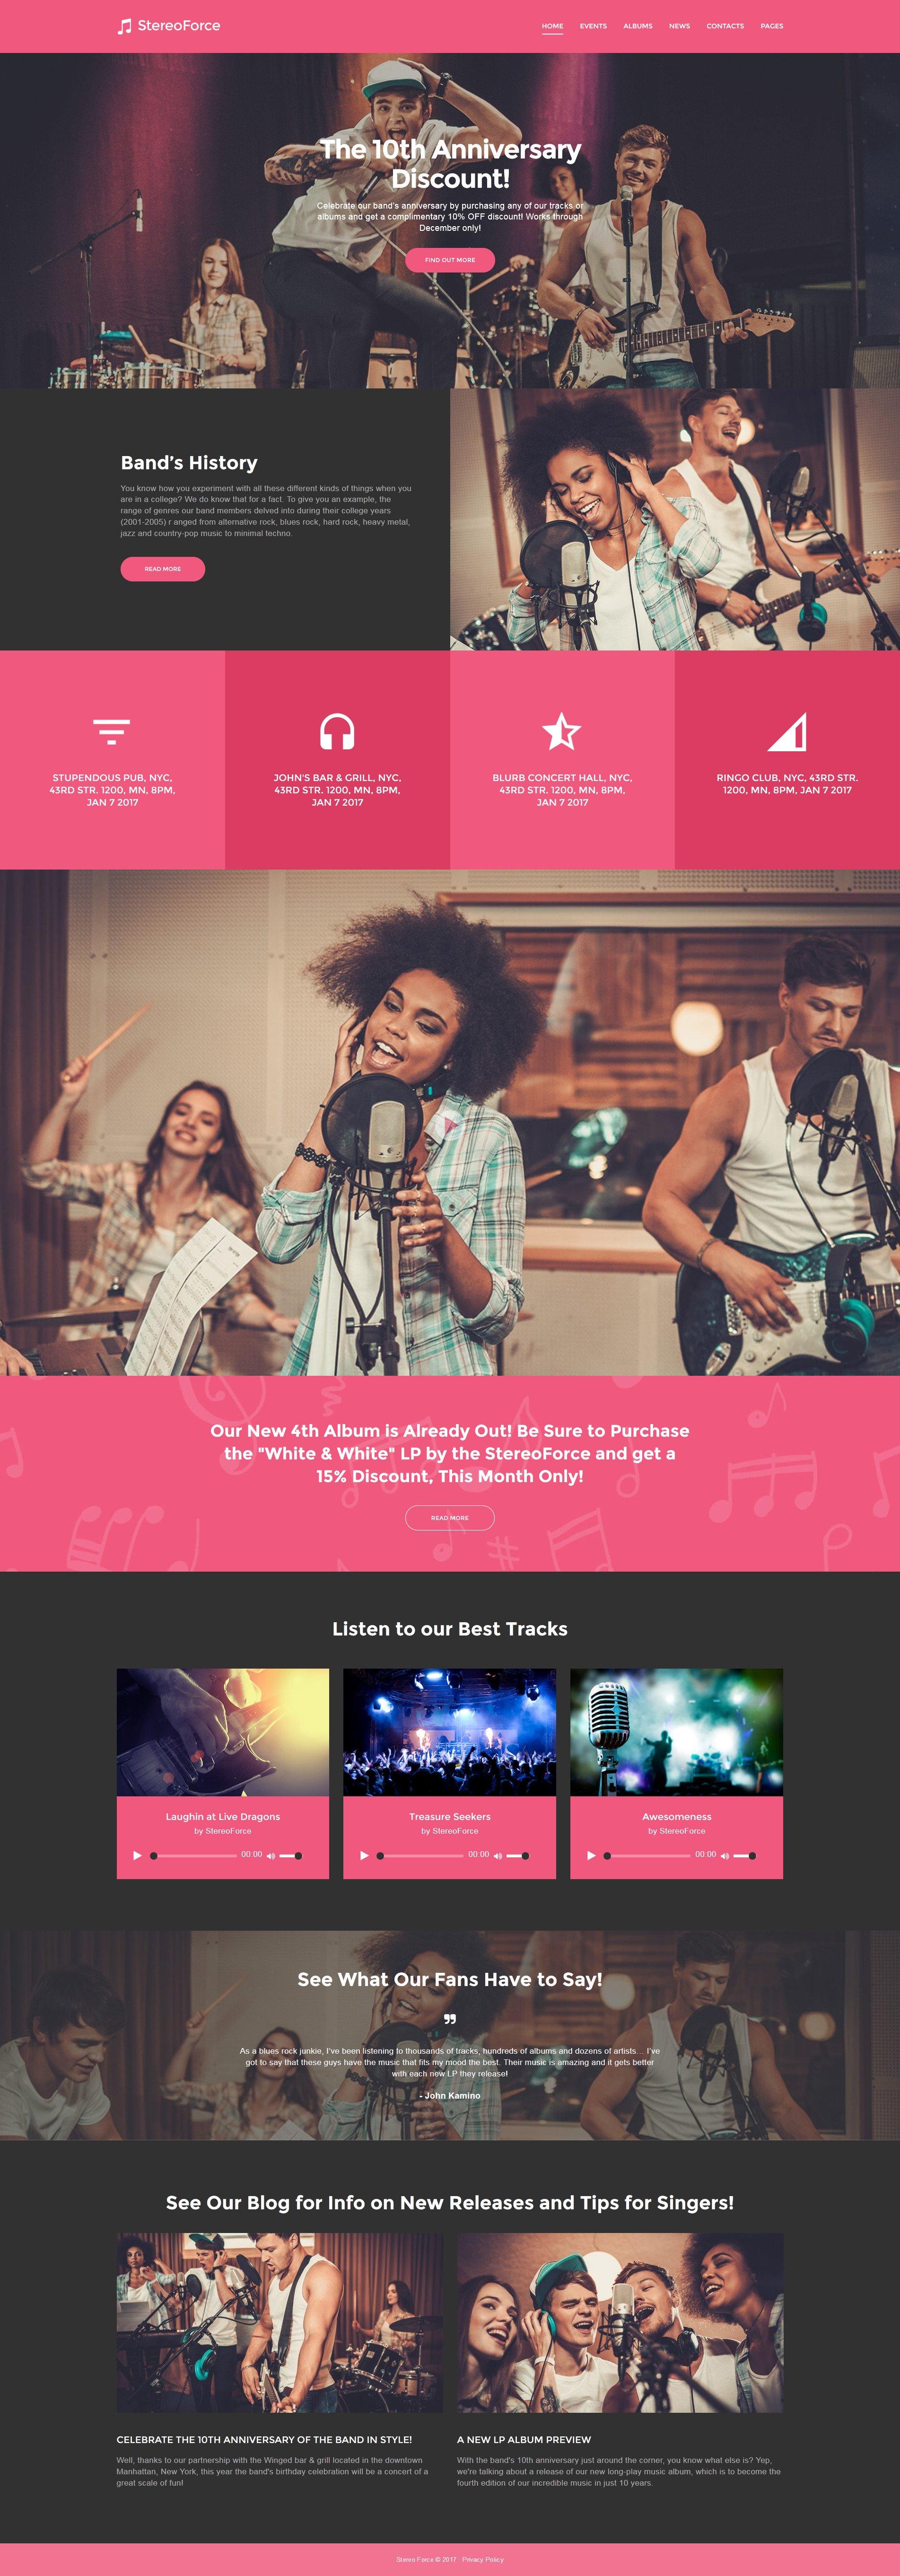 Modello WordPress Responsive #58988 per Un Sito di Musica - screenshot